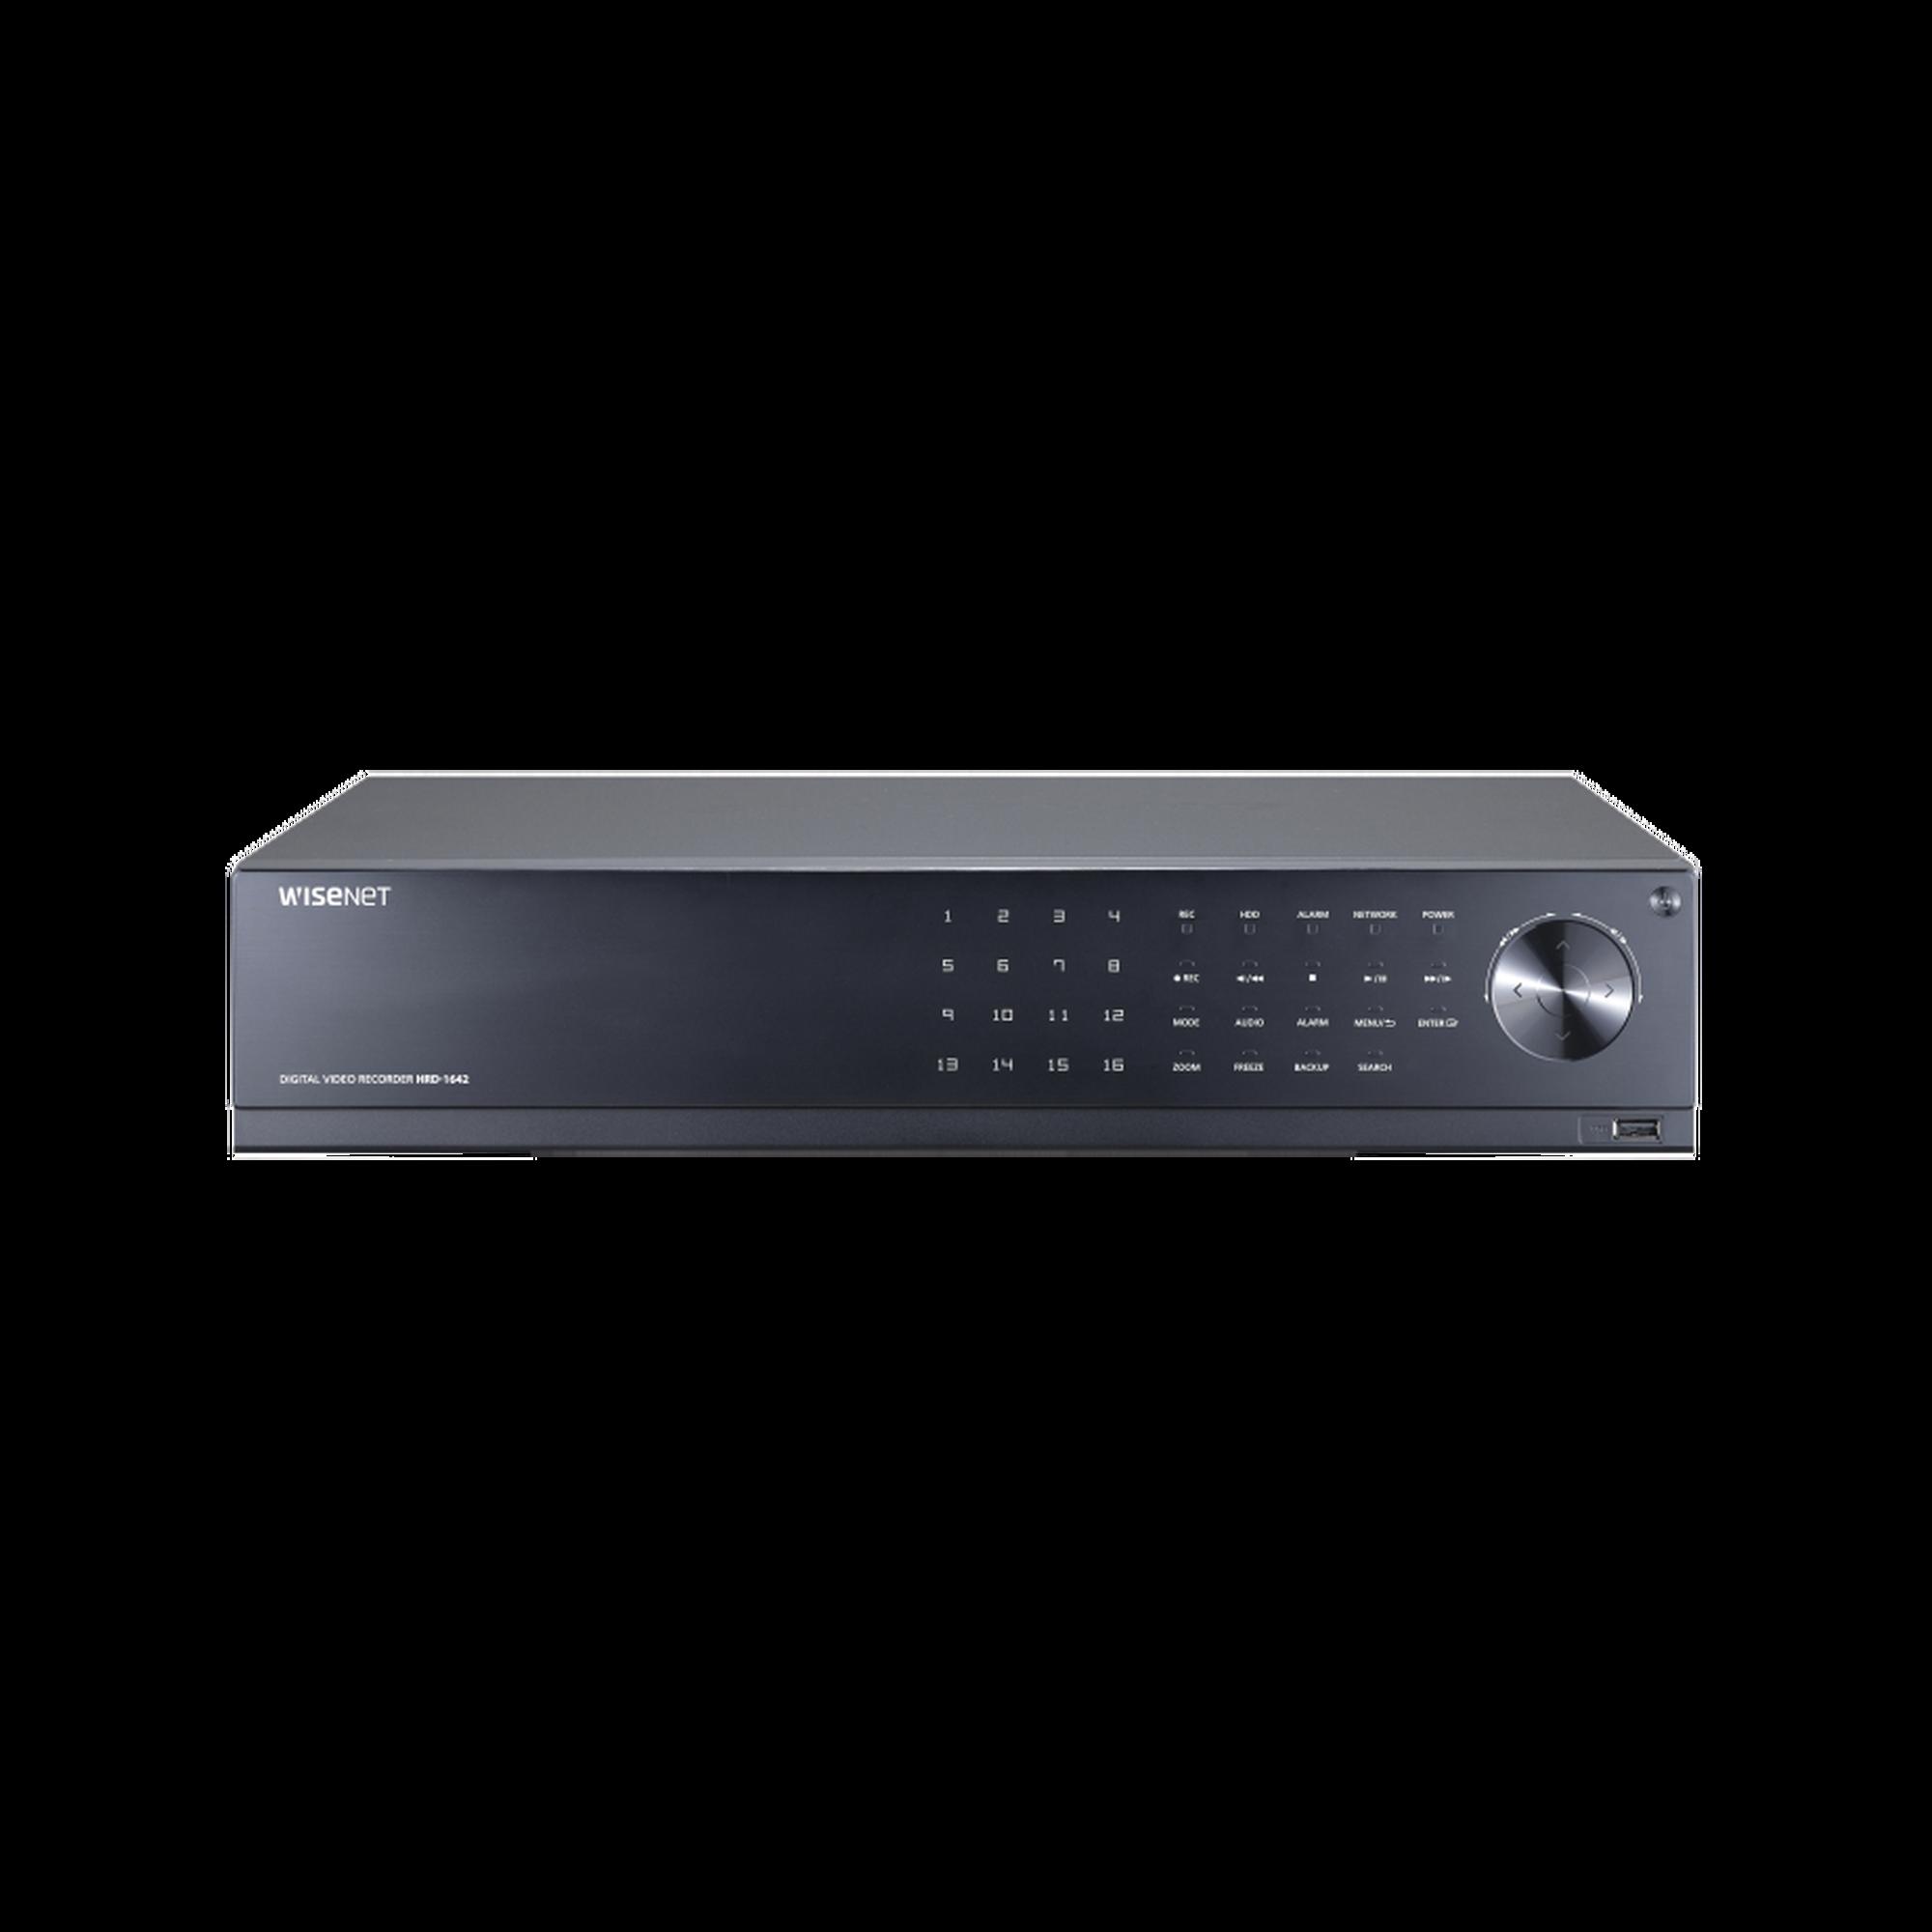 DVR 16 Canales hasta 4 Megapixel / Soporta 4 Tecnologías (AHD, TVI, CVI, CVBS) / Hasta 8 HDDs / Entradas y Salidas de Audio y Alarma / Incluye 2TB